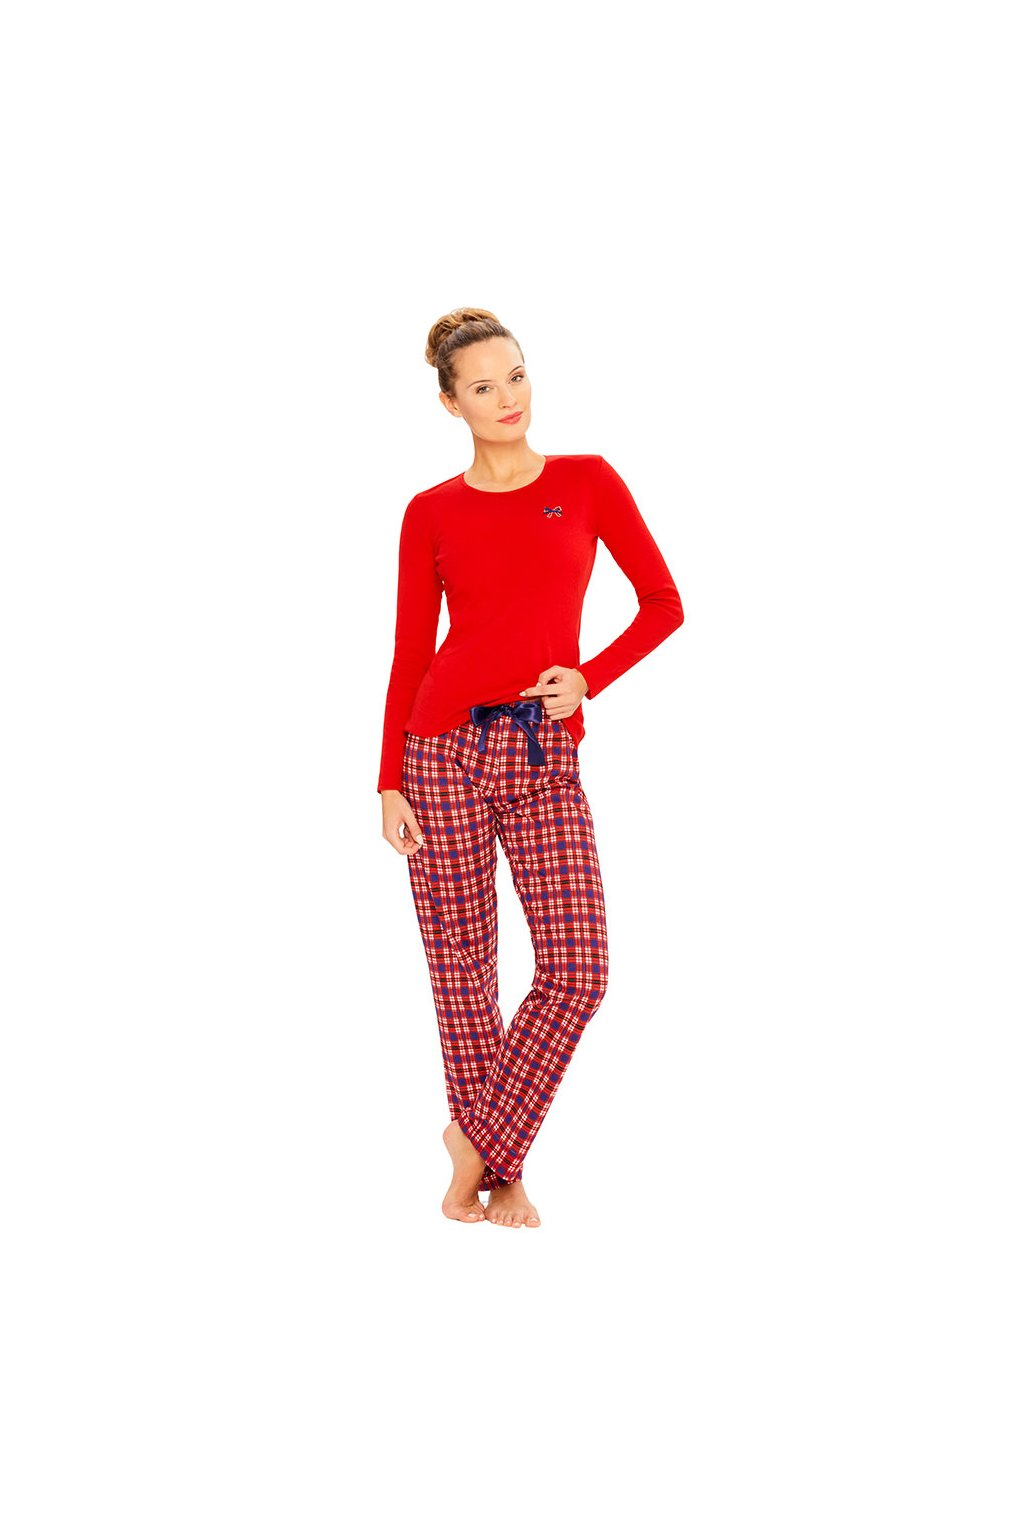 Dámské pyžamové kalhoty s dlouhými nohavicemi, 104353 250, červená